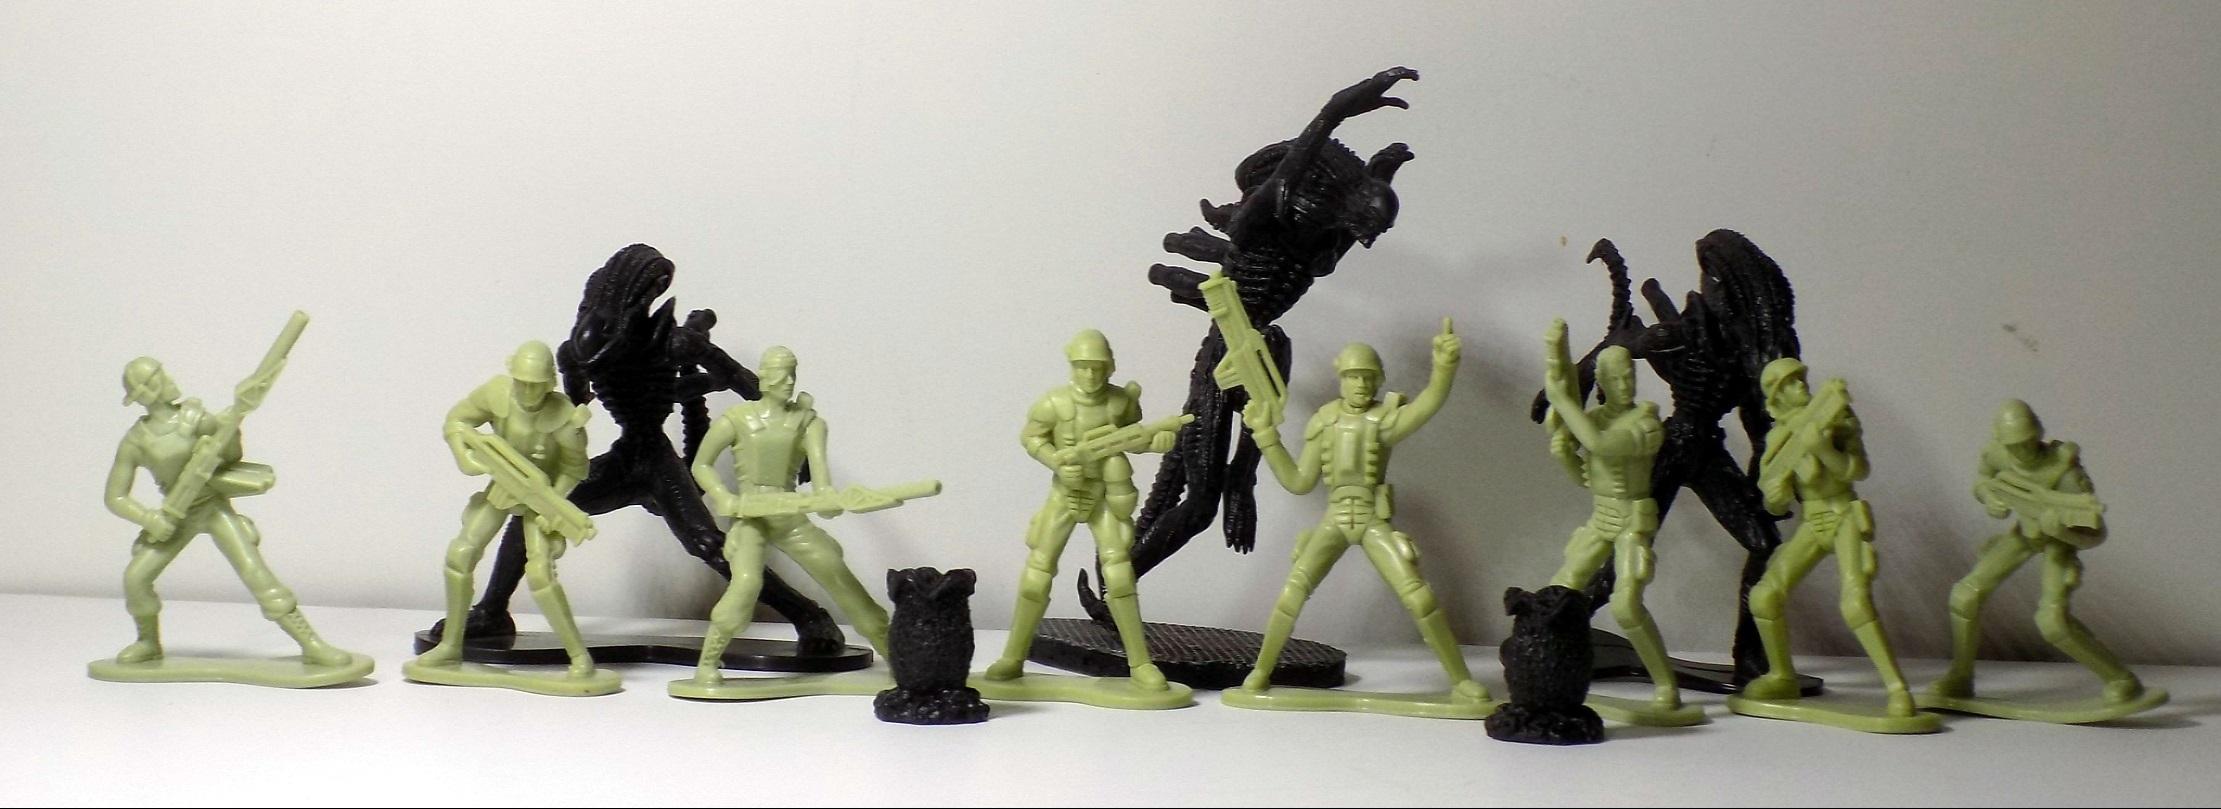 Aliens Tree House Figures-Marine DIETHRICH /& Alien